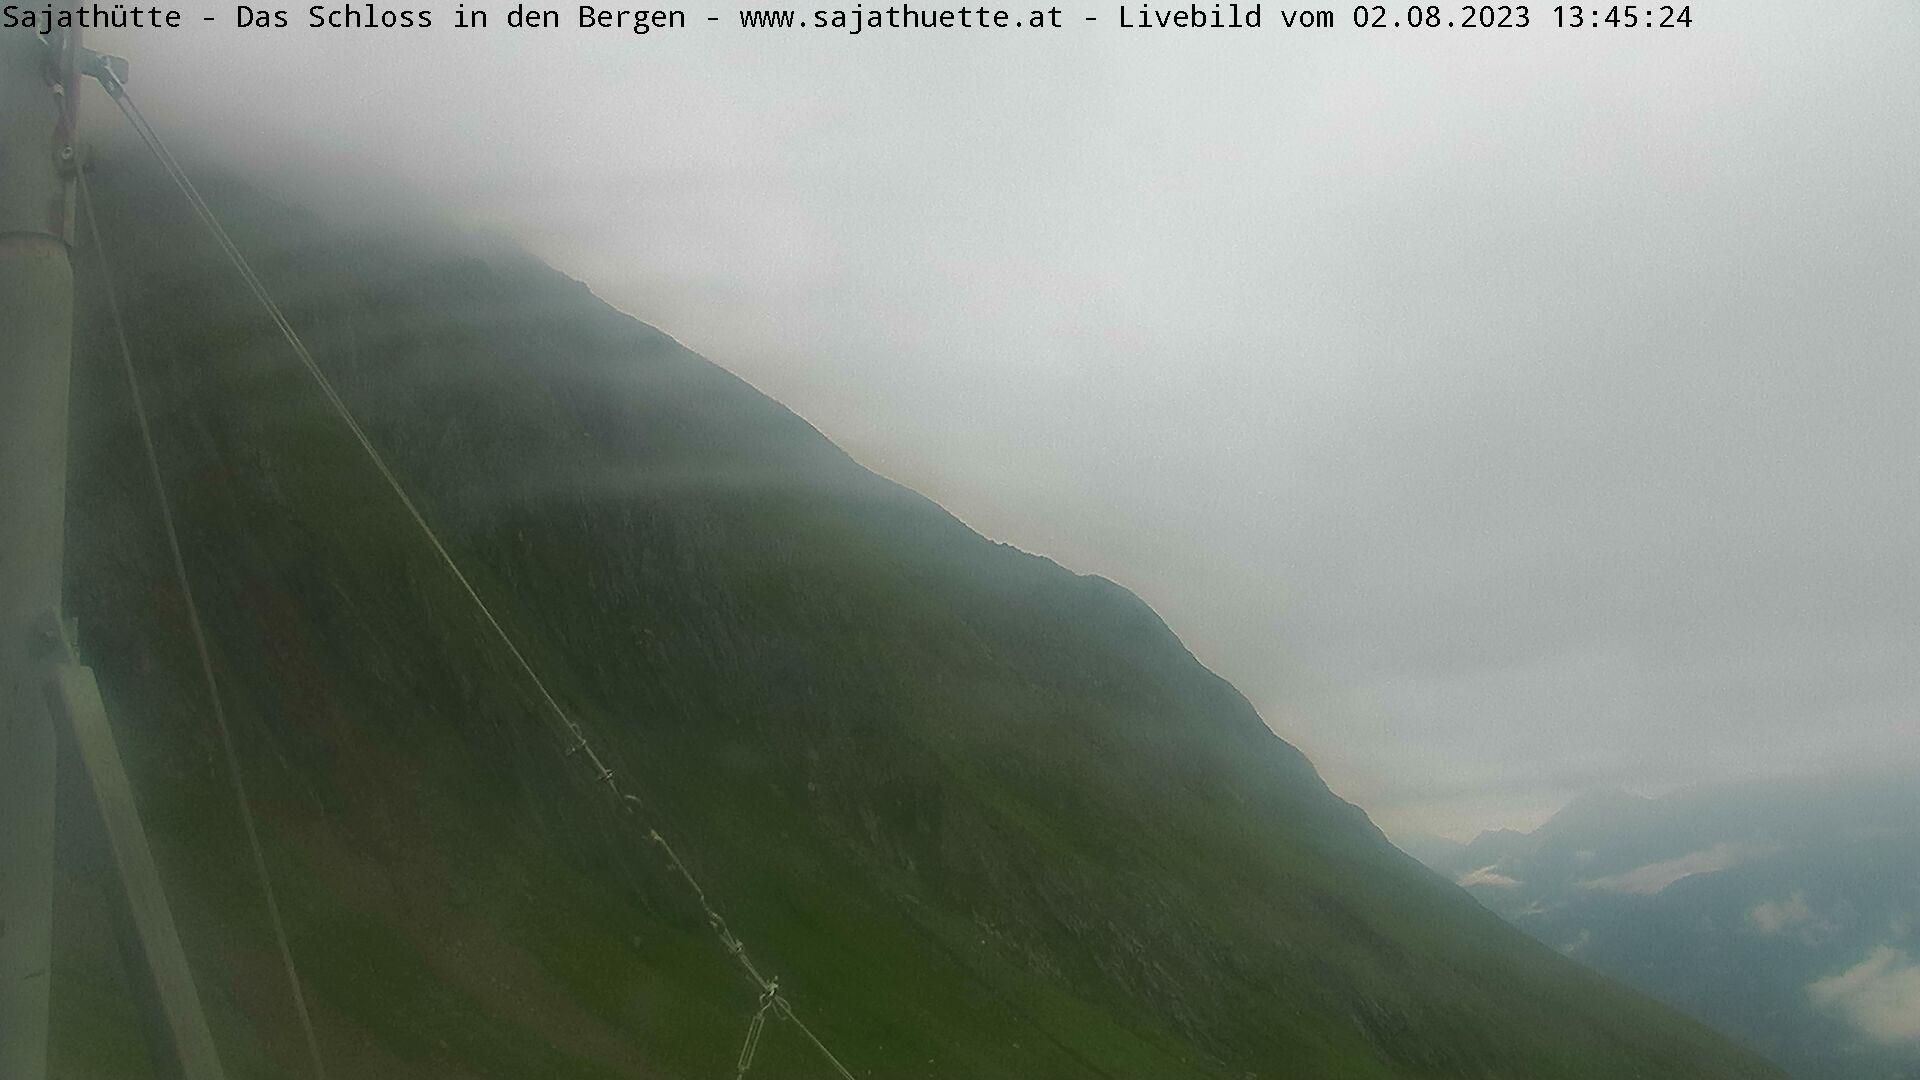 Webcam / Livebilder von der Sajathütte